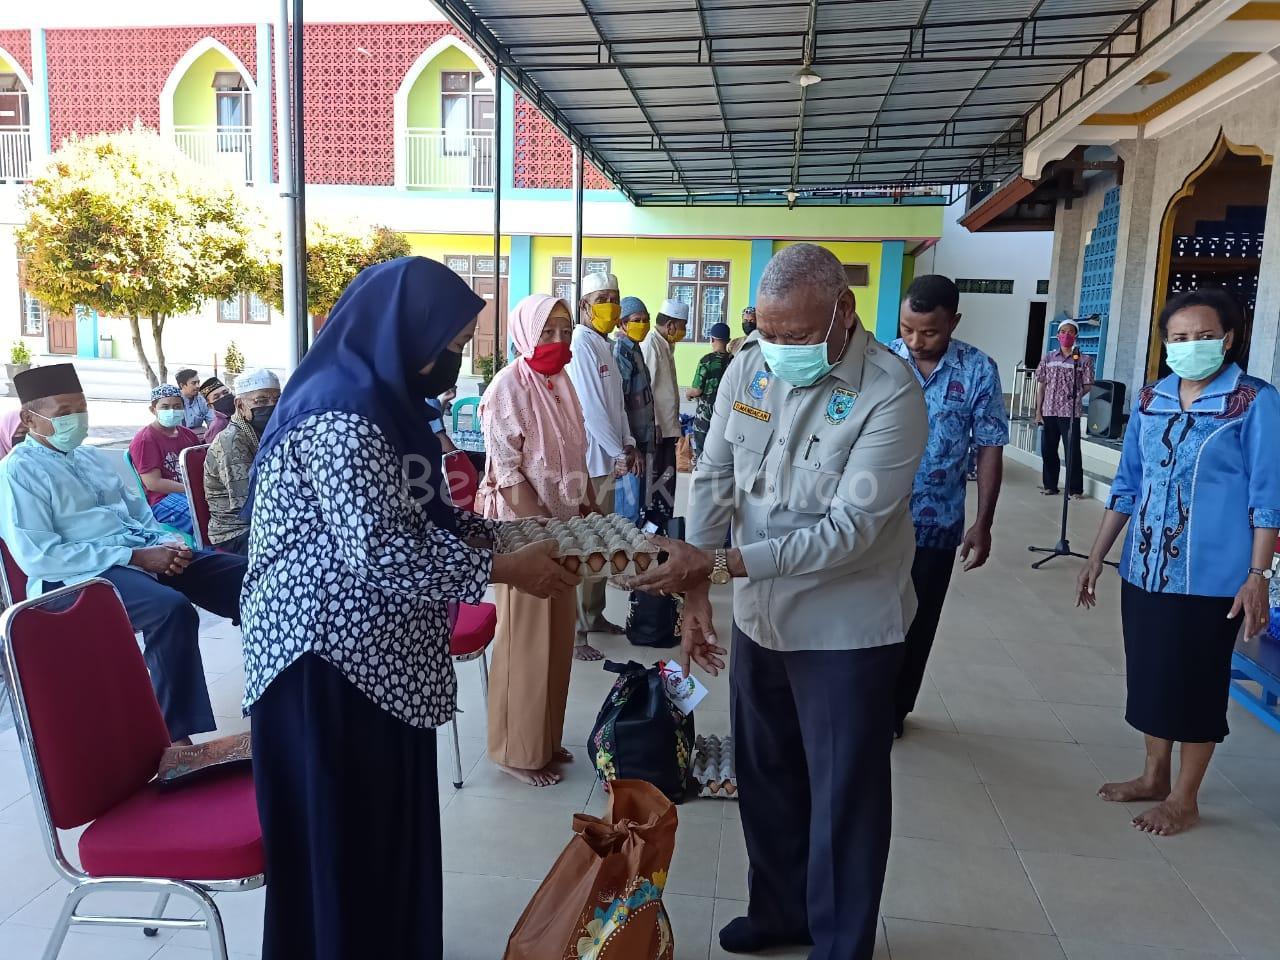 Peduli Umat, Keluarga Mandacan-Kiriweno Serahkan 1.250 Paket Bapok ke Gereja Dan Masjid 3 IMG 20200416 WA0055 1